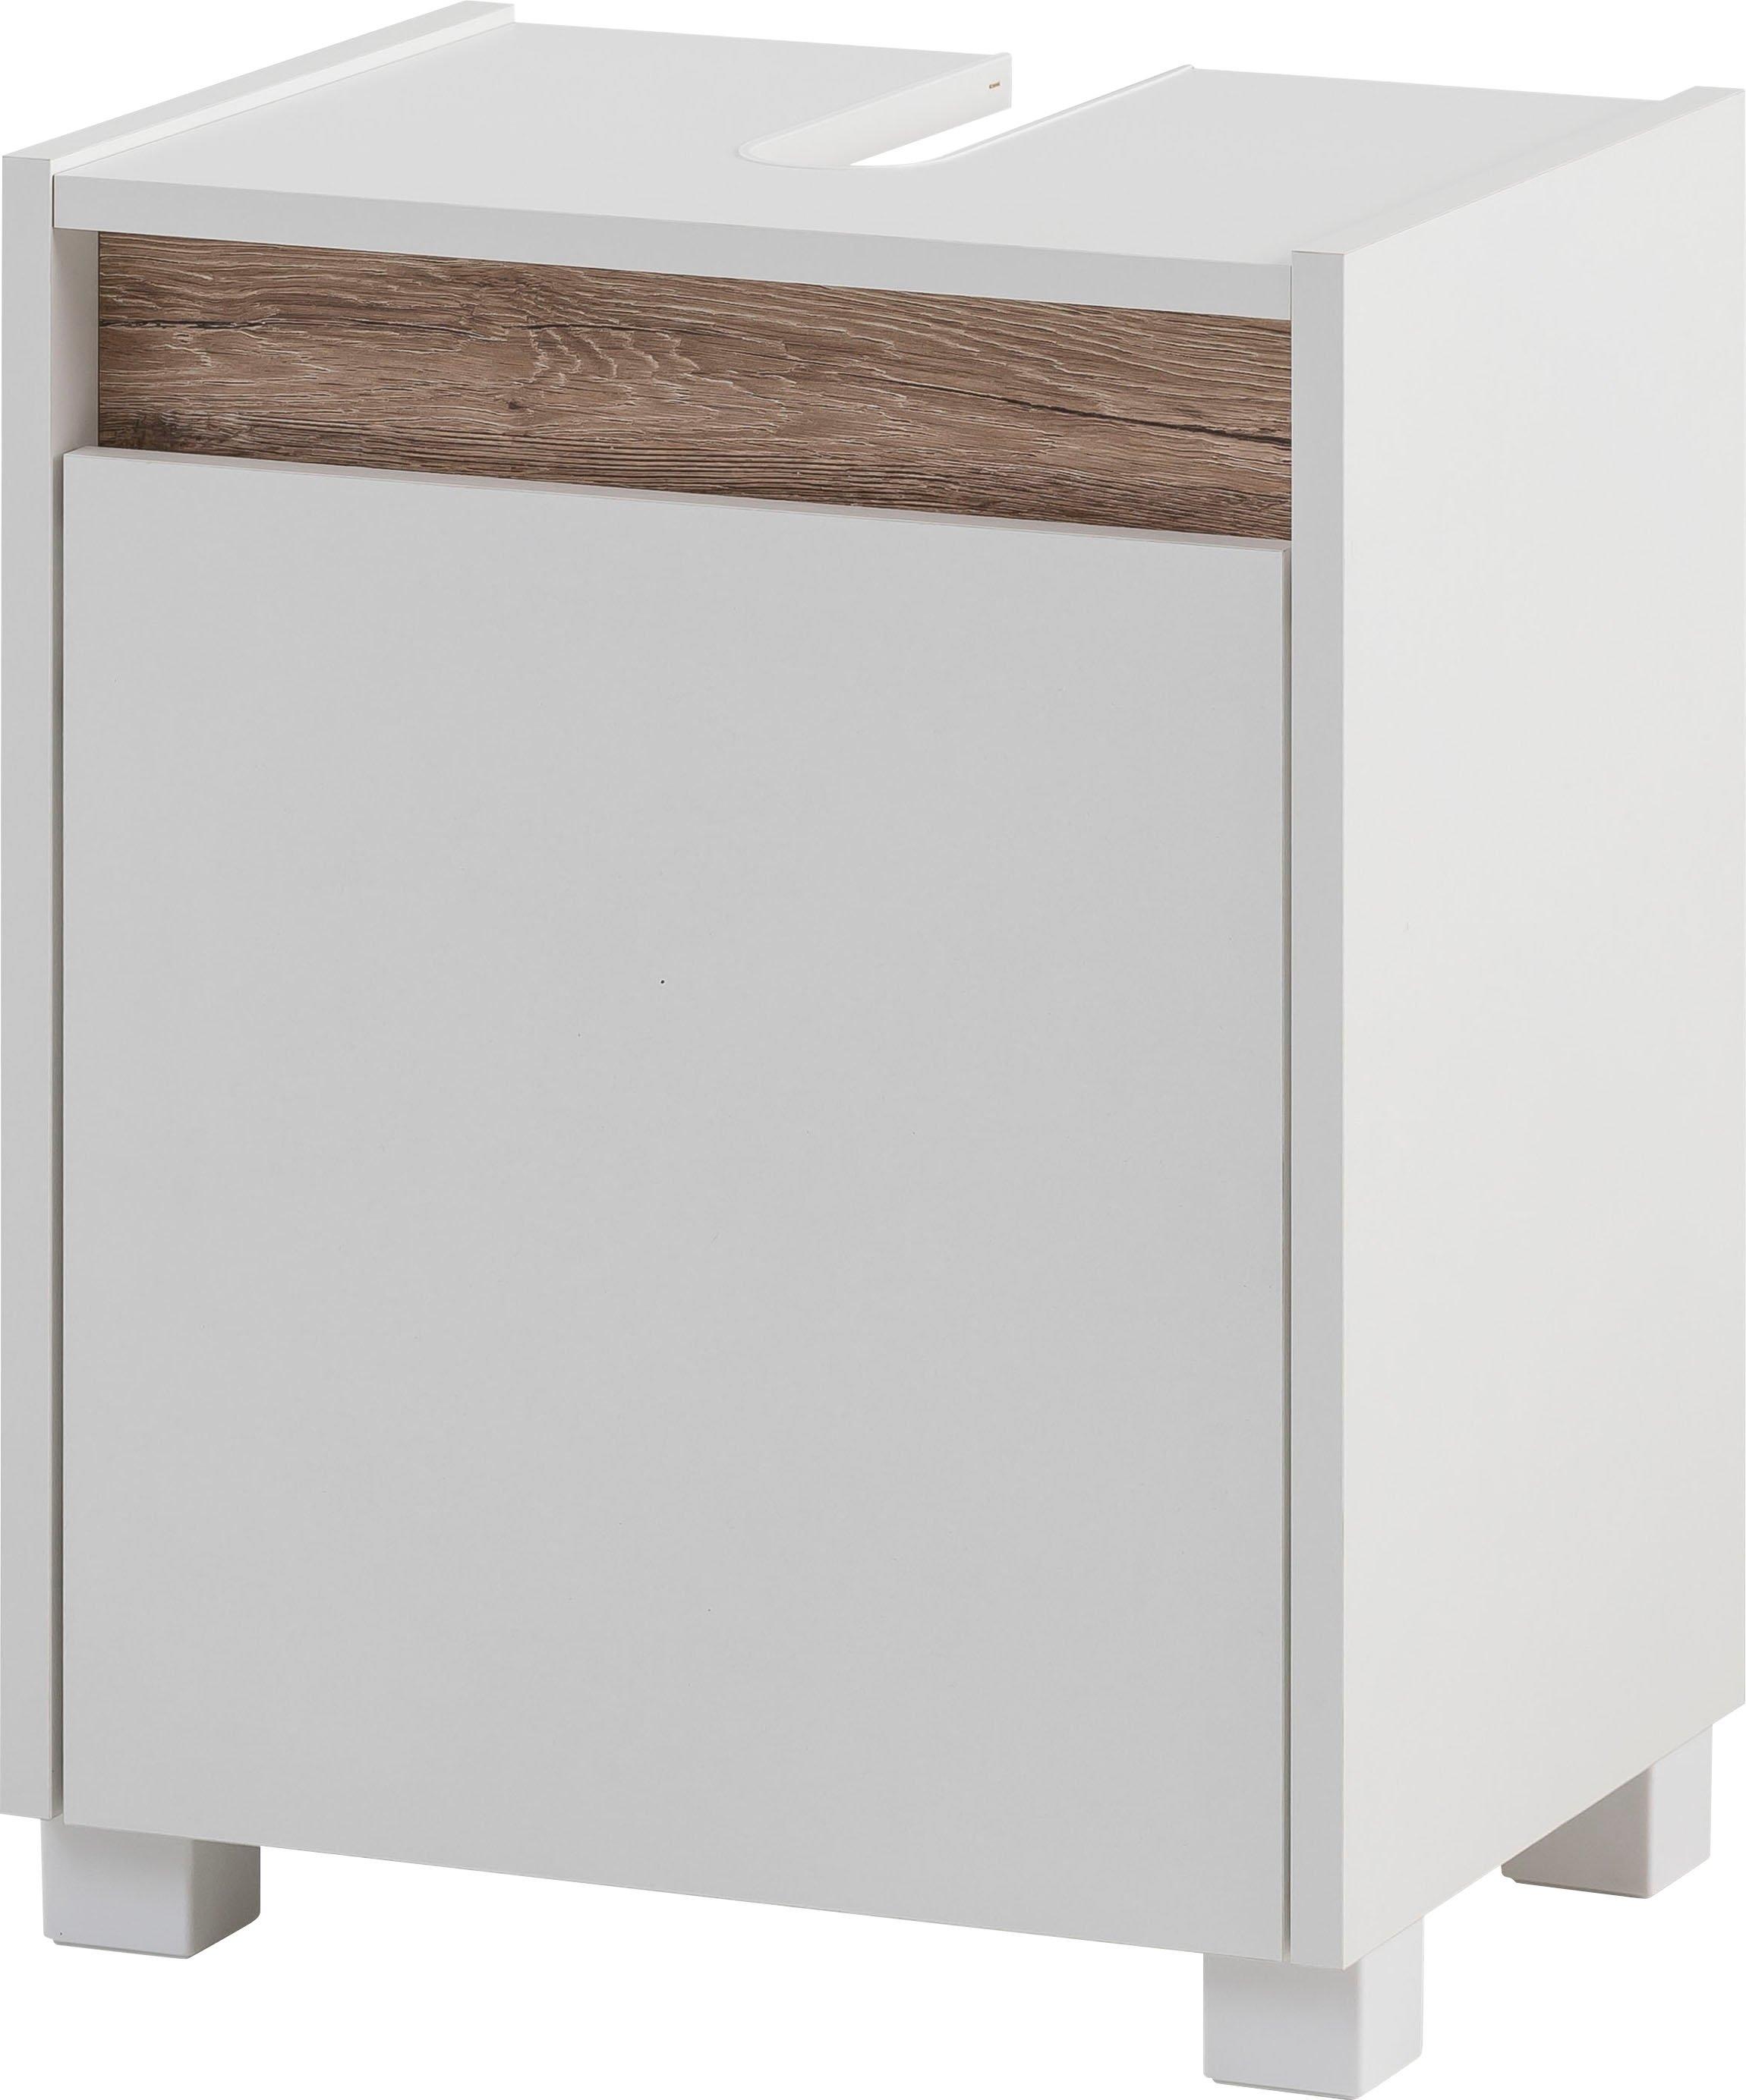 Schildmeyer wastafelonderkast Cosmo Breedte 42 cm nu online kopen bij OTTO